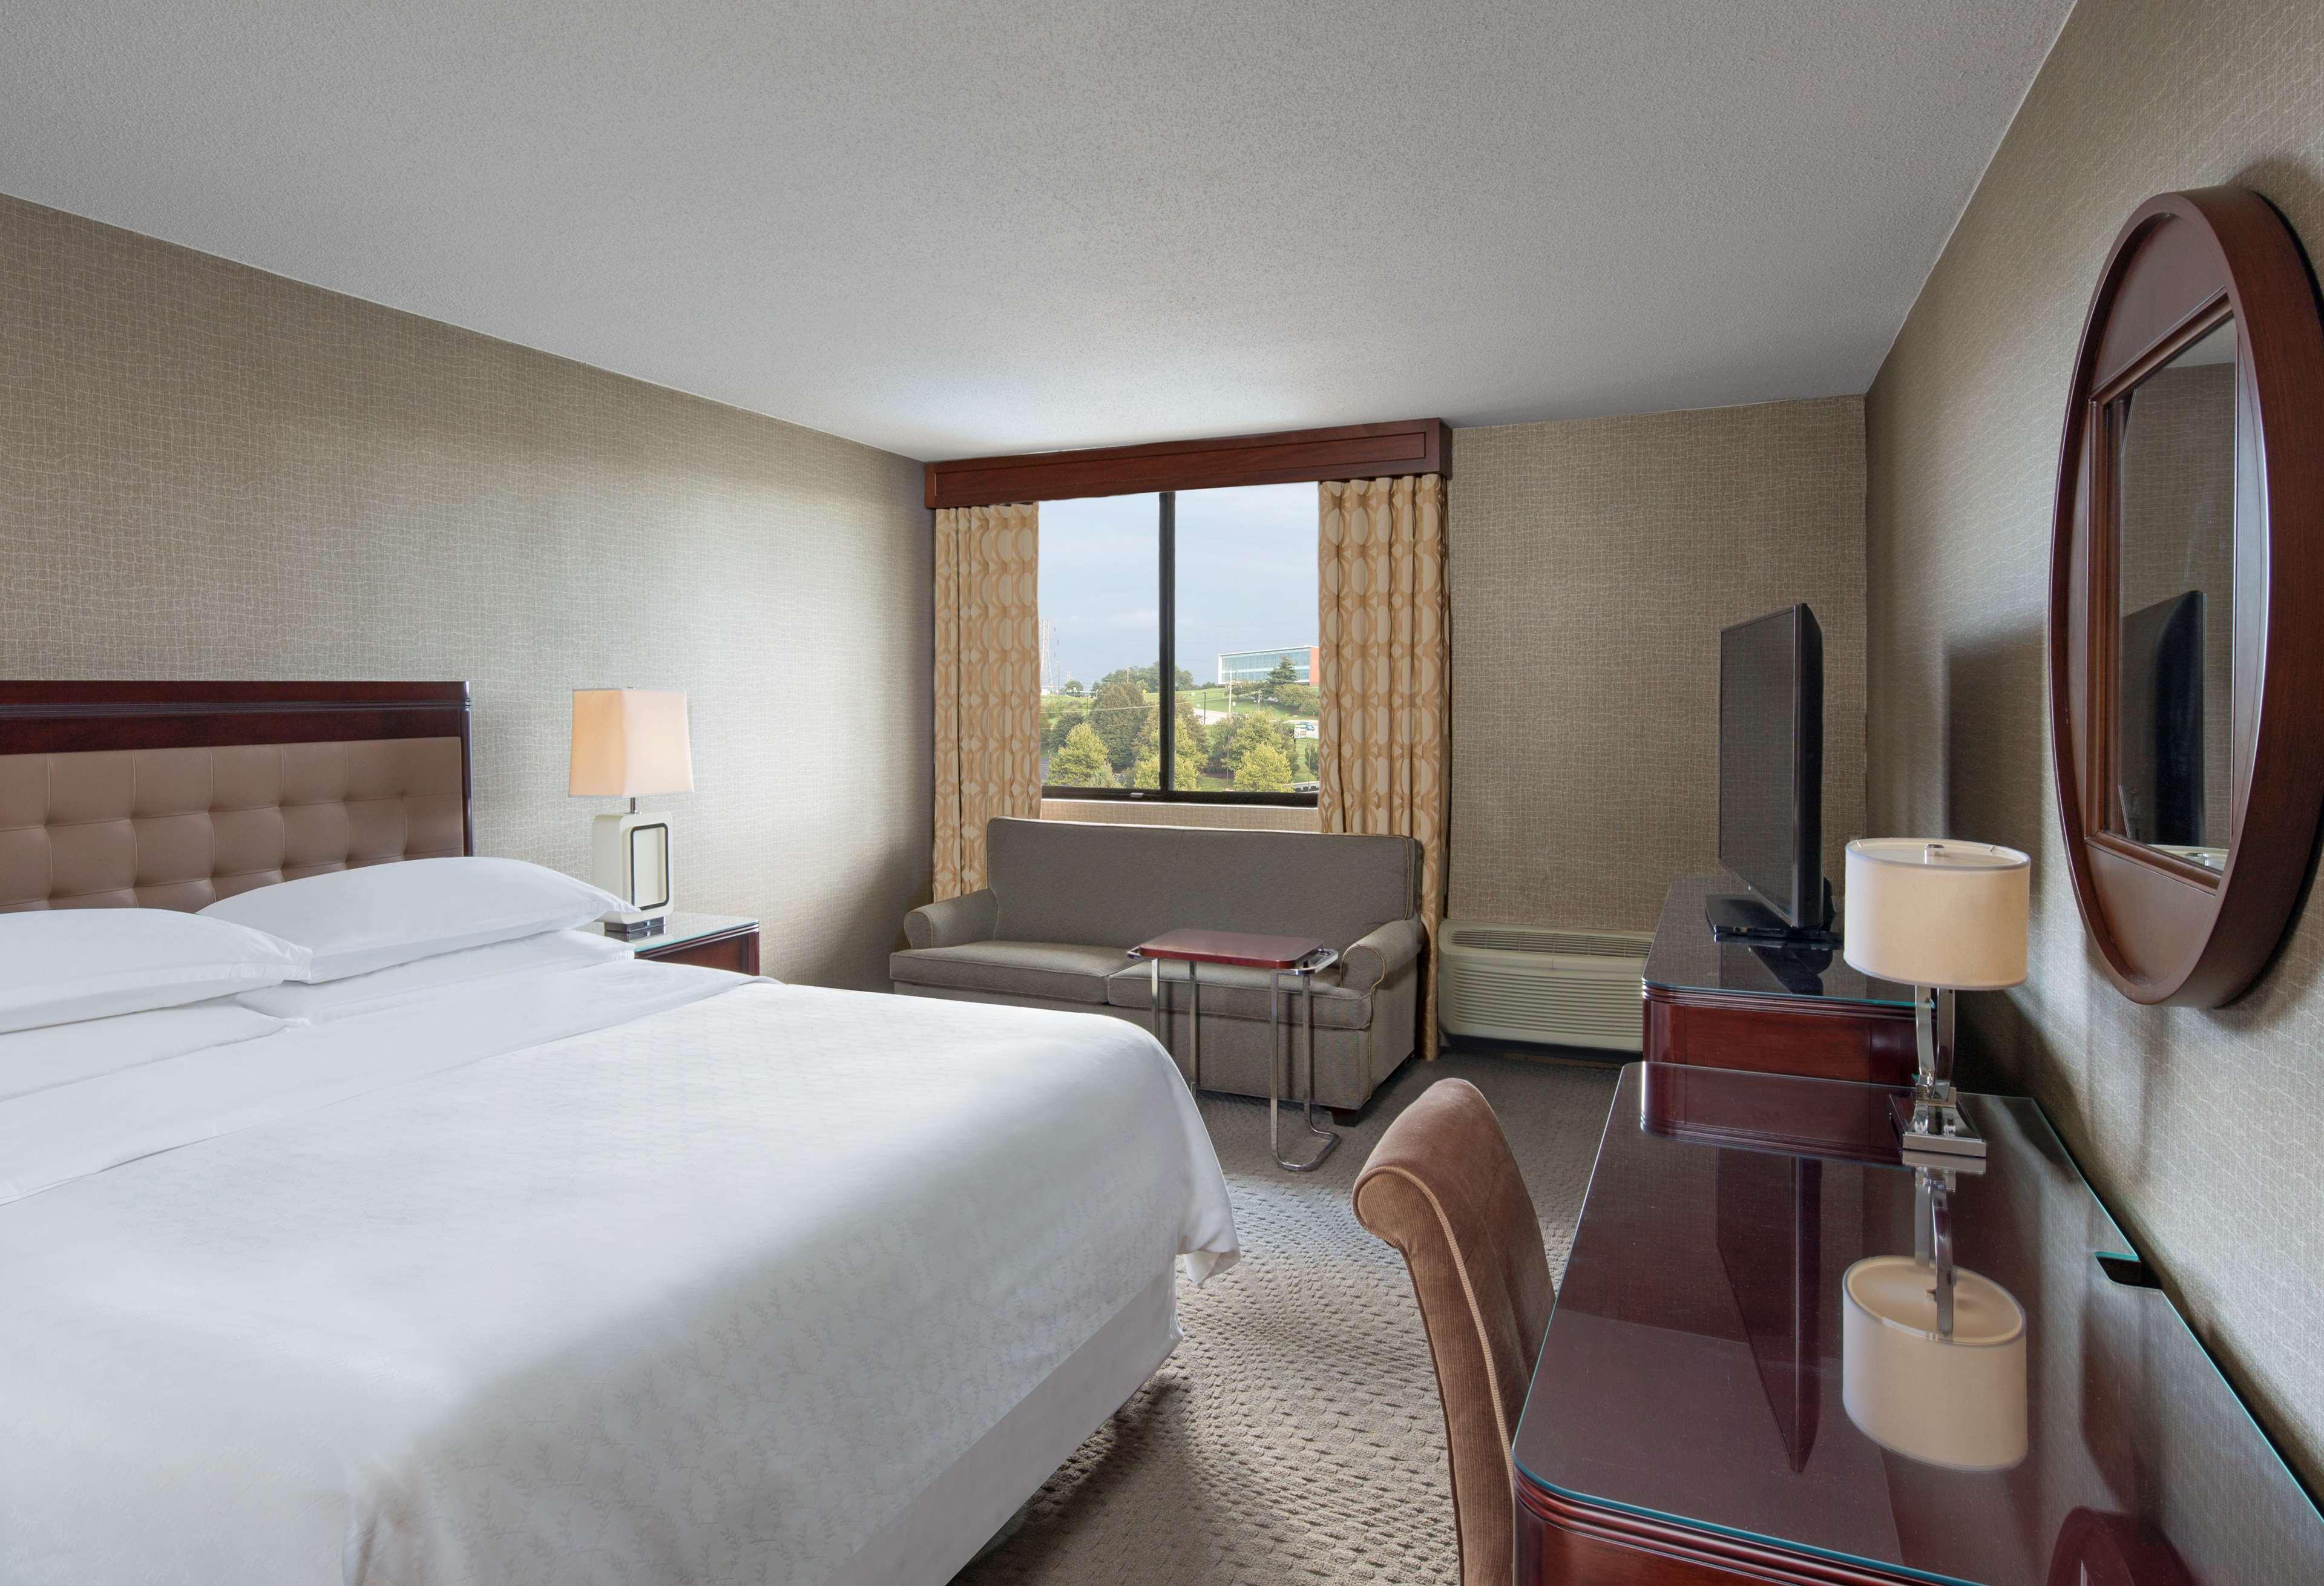 Sheraton Harrisburg Hershey Hotel image 10